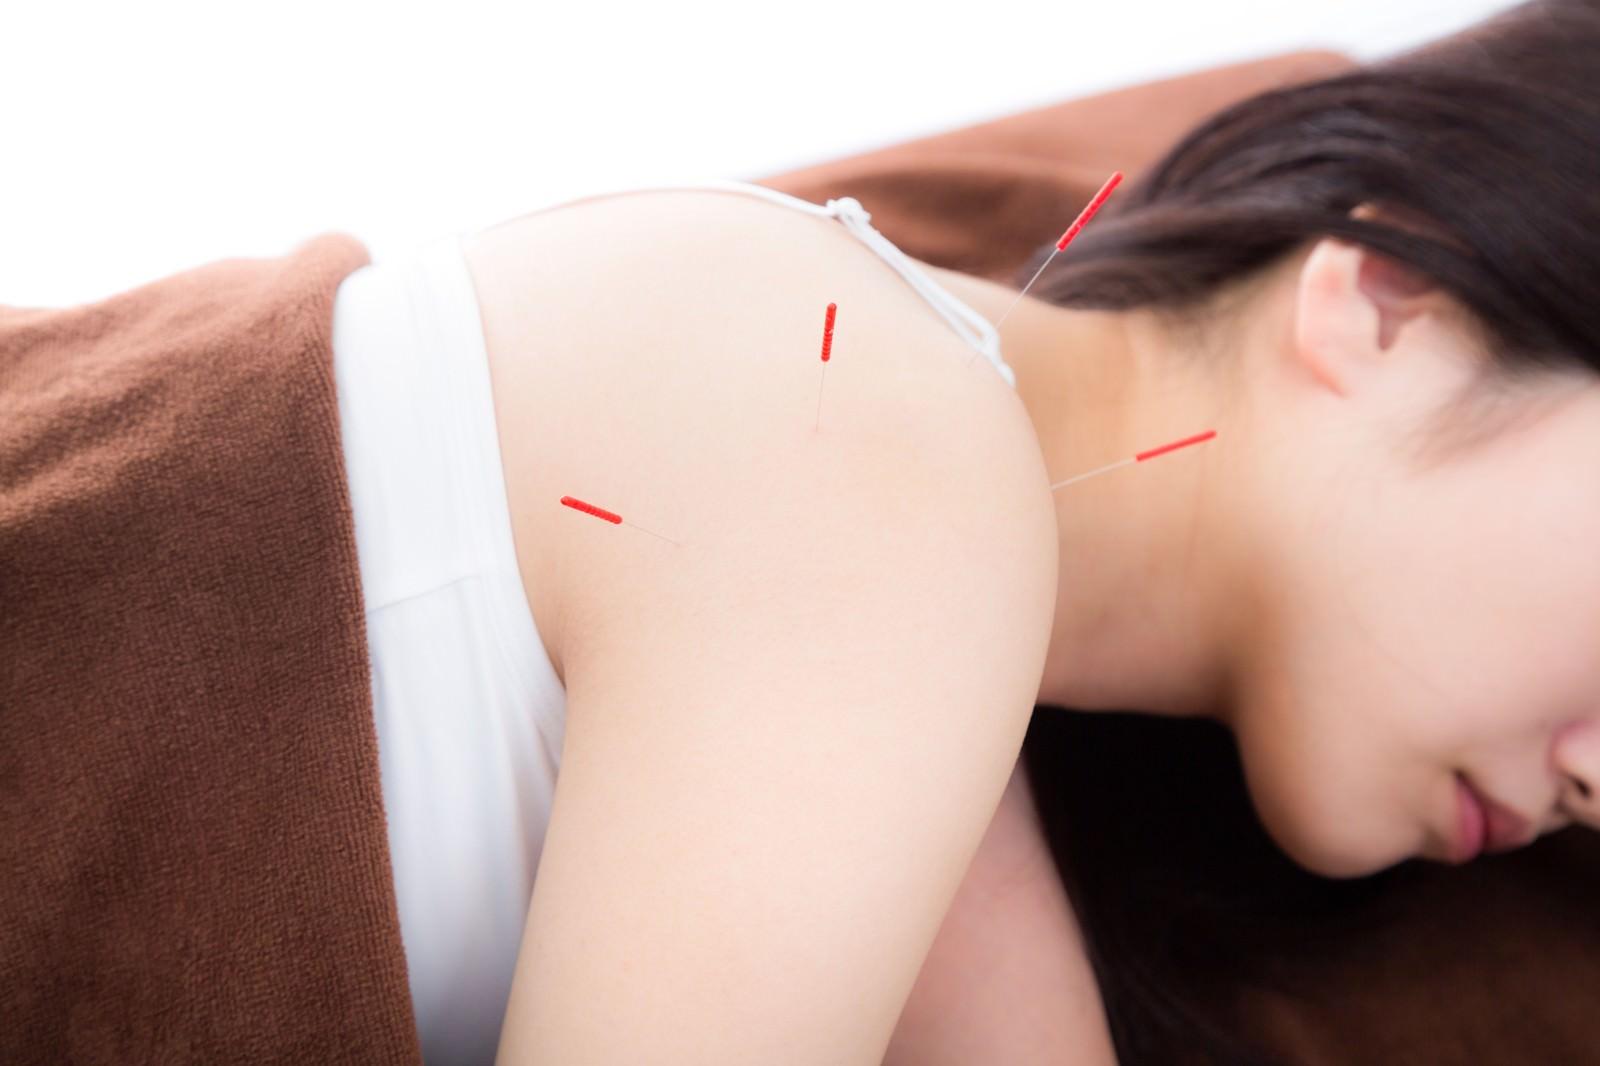 「鍼治療をする女性鍼治療をする女性」のフリー写真素材を拡大